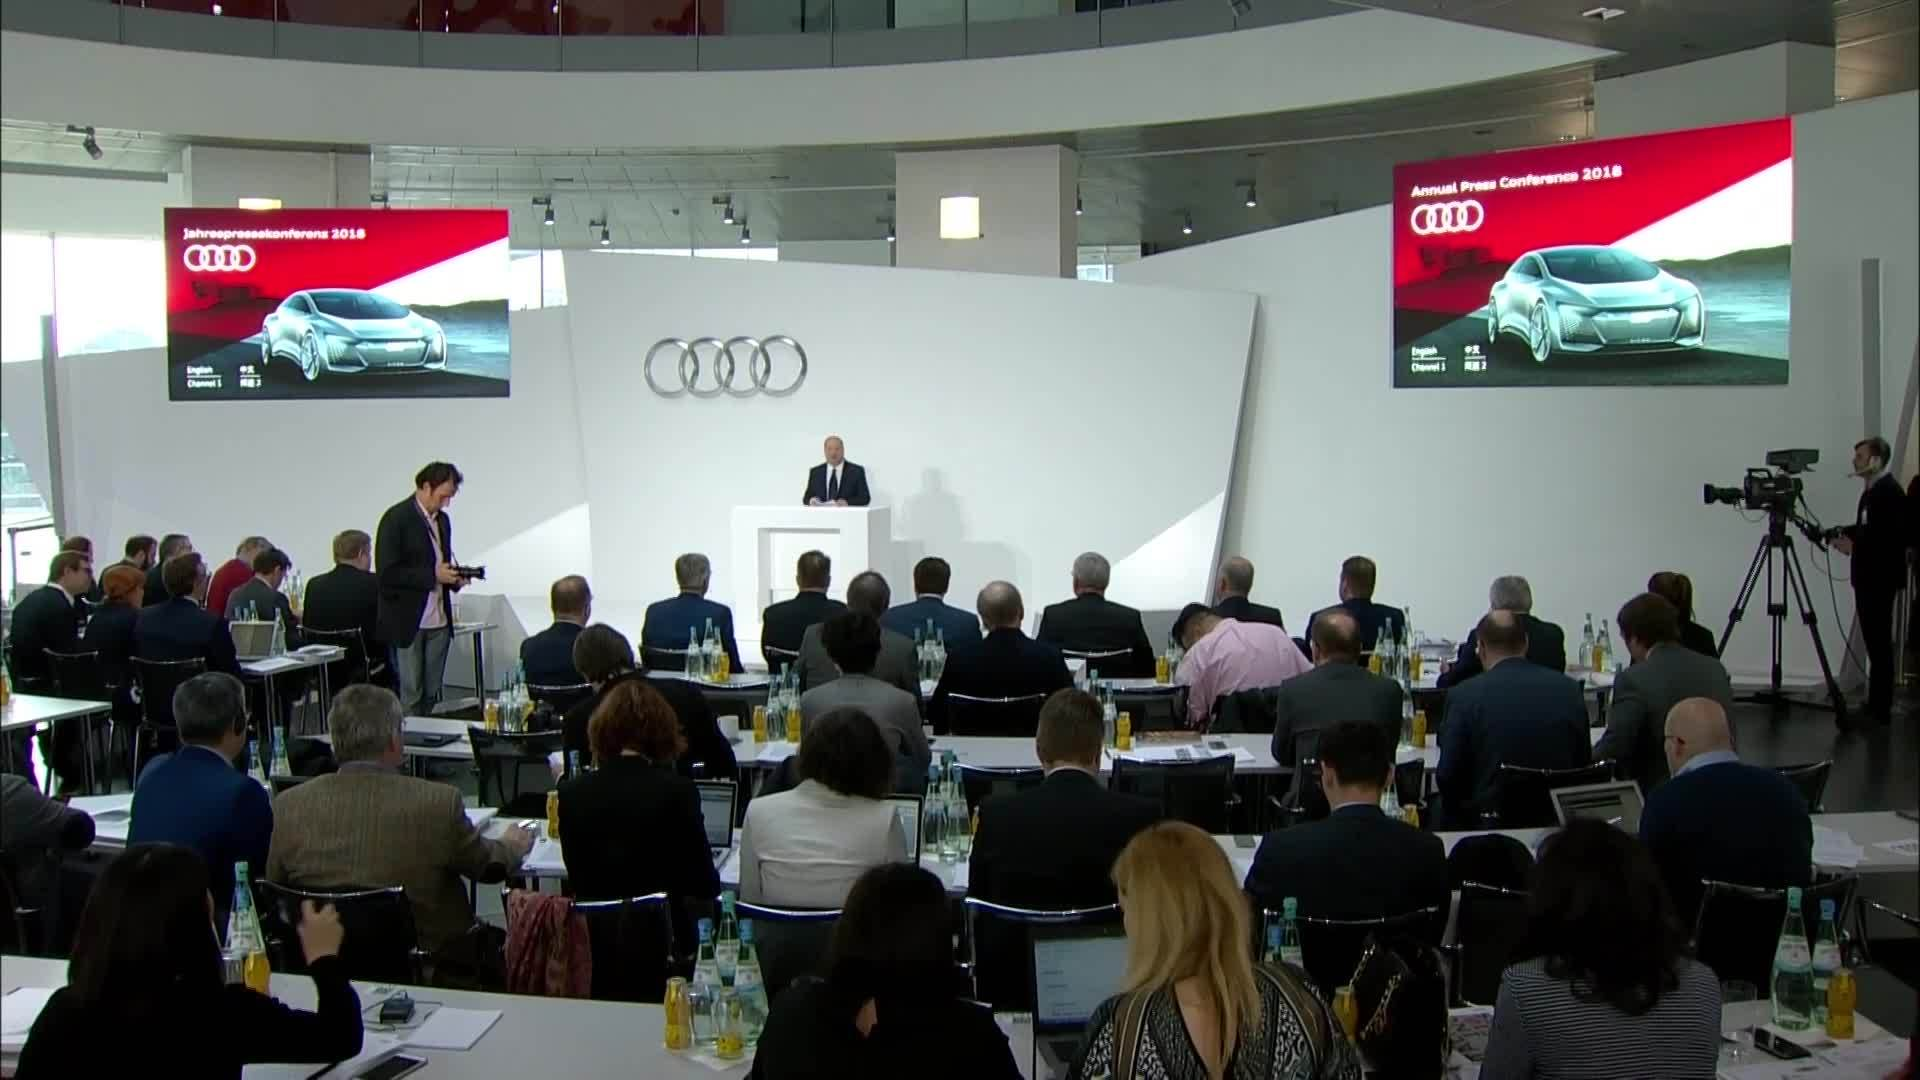 Audi Annual Press Conference 2018